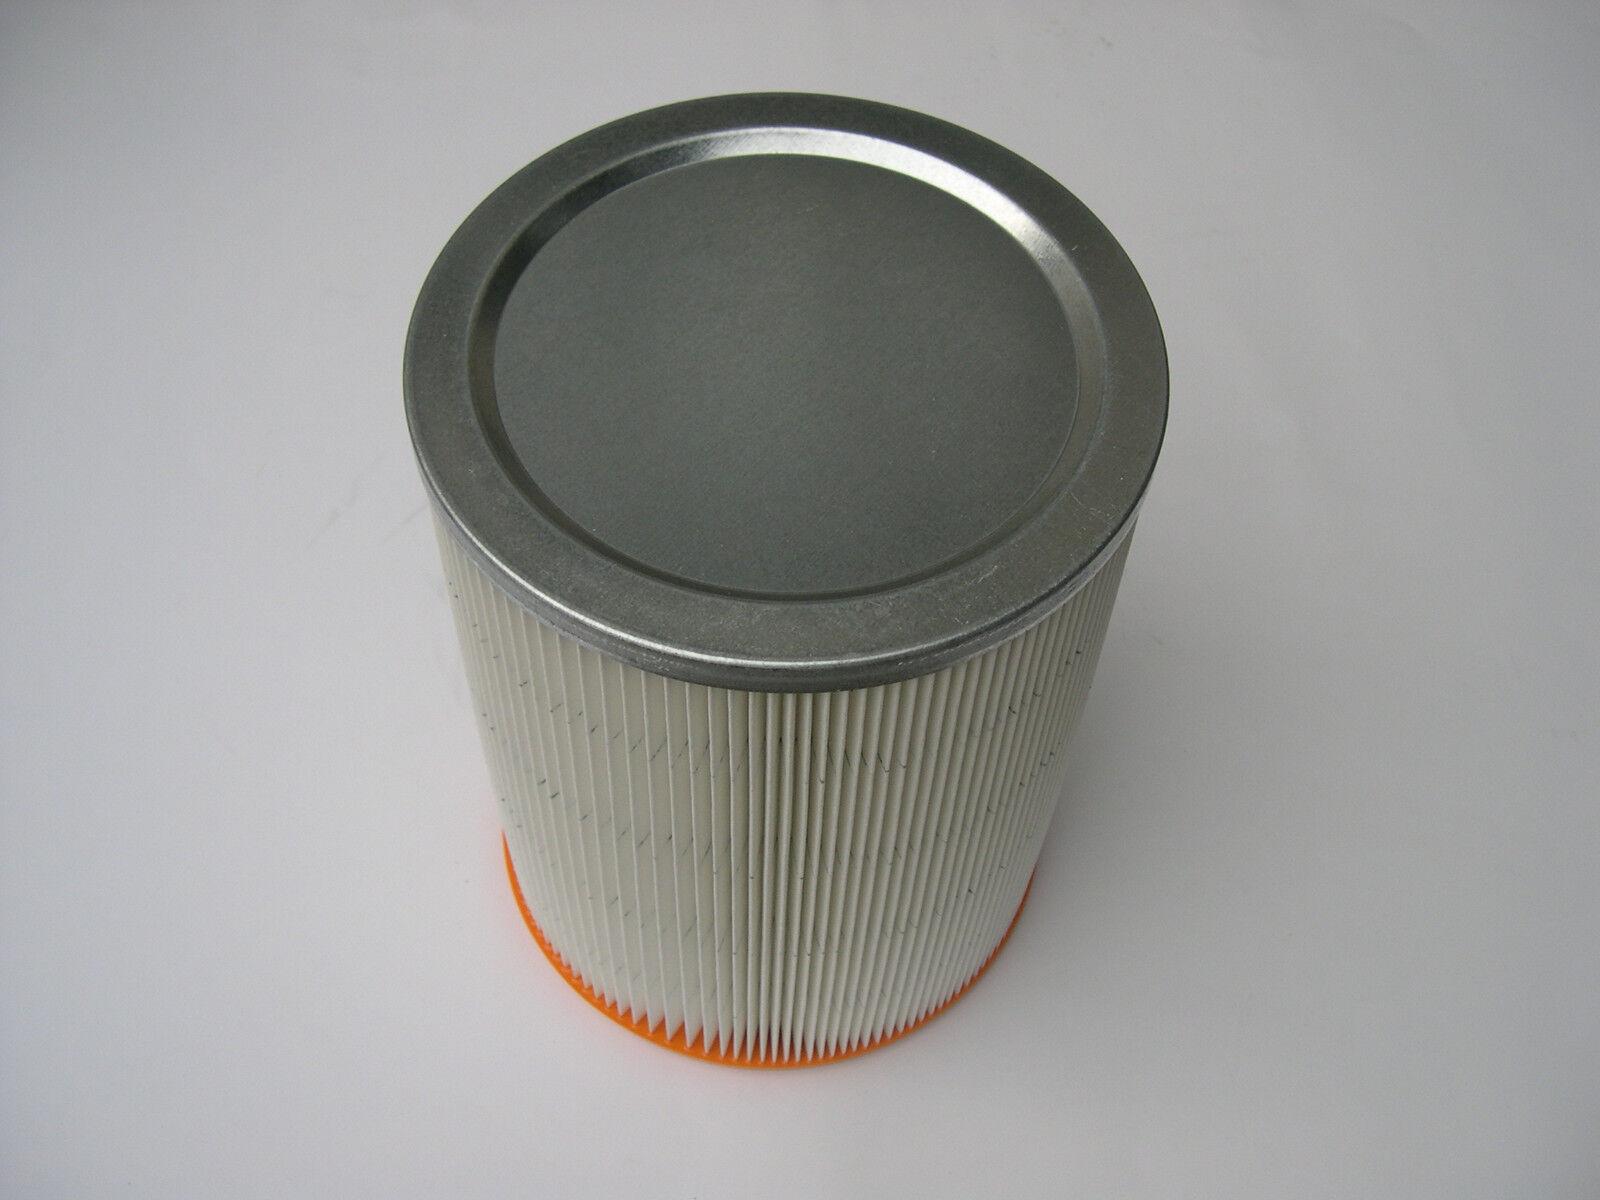 Staubsauger Filter für Thomas Silverstar 1220; 1235 Studio 1030